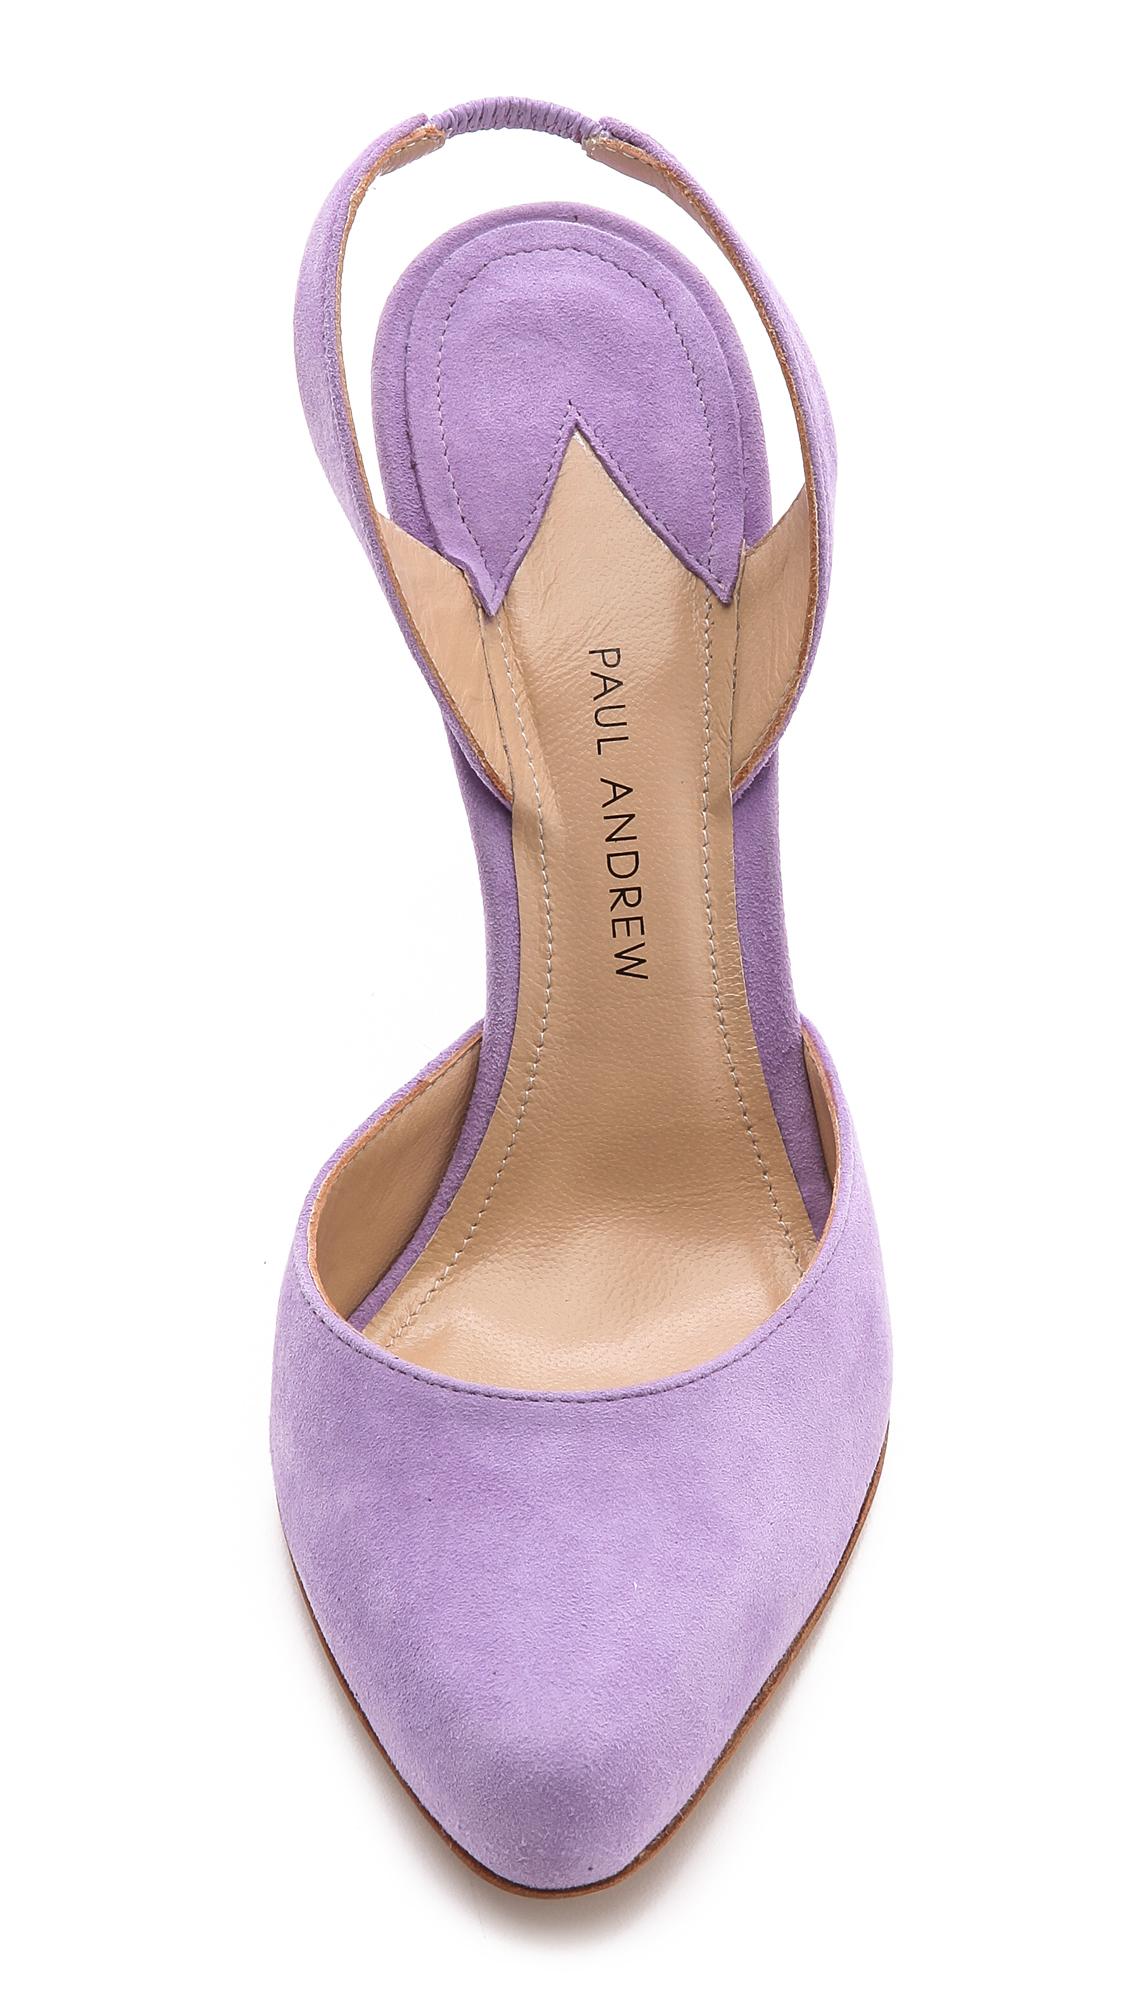 Solace Women S Shoes